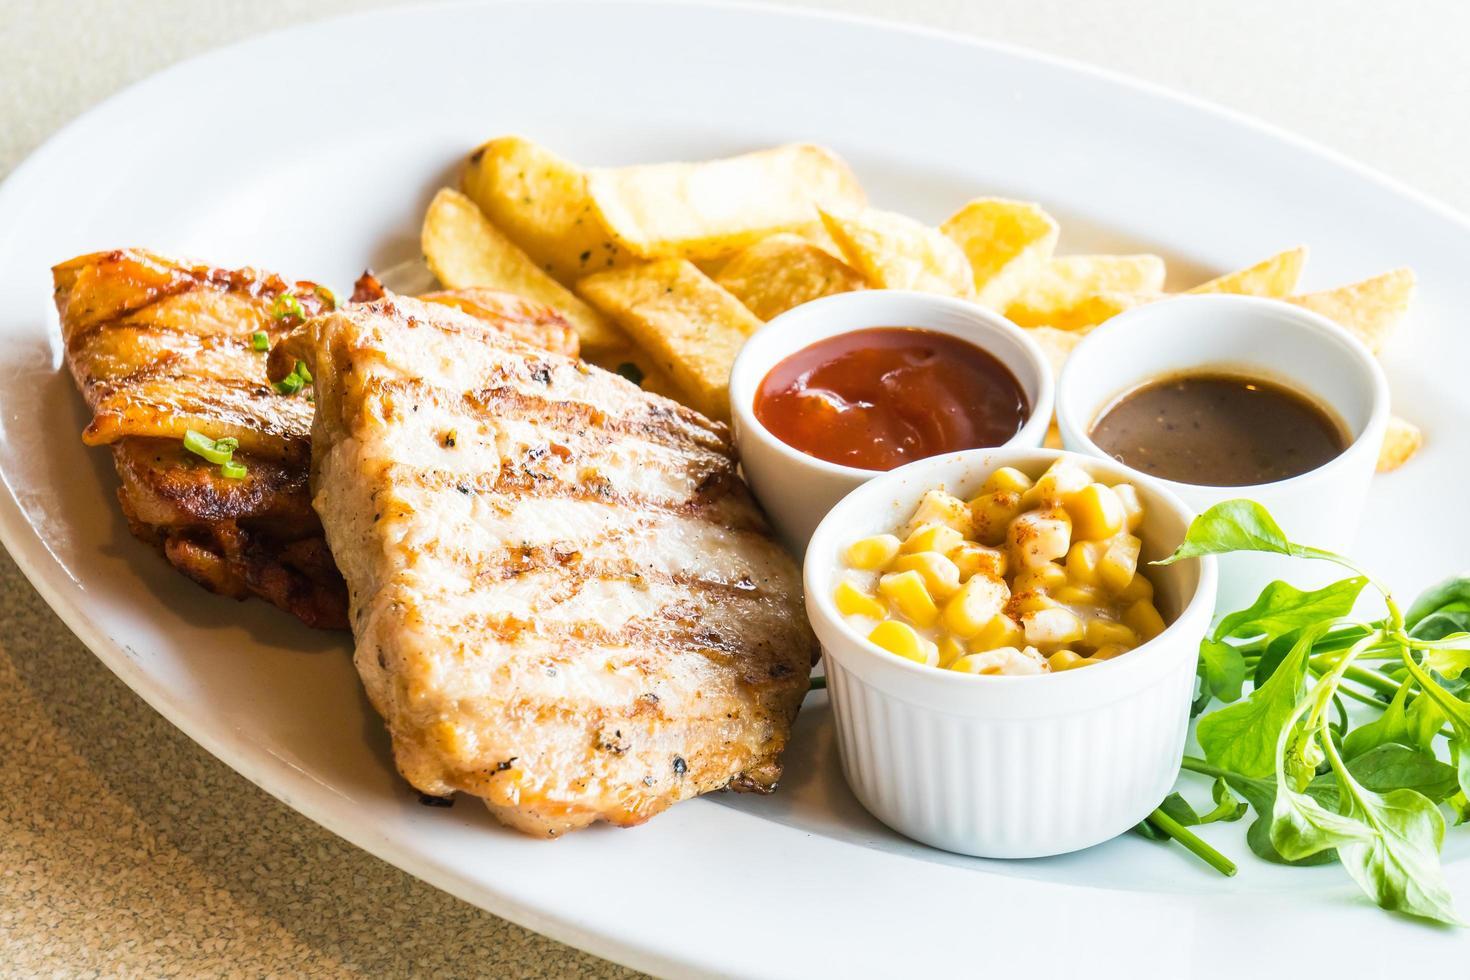 côtelette de porc et steak de poulet photo